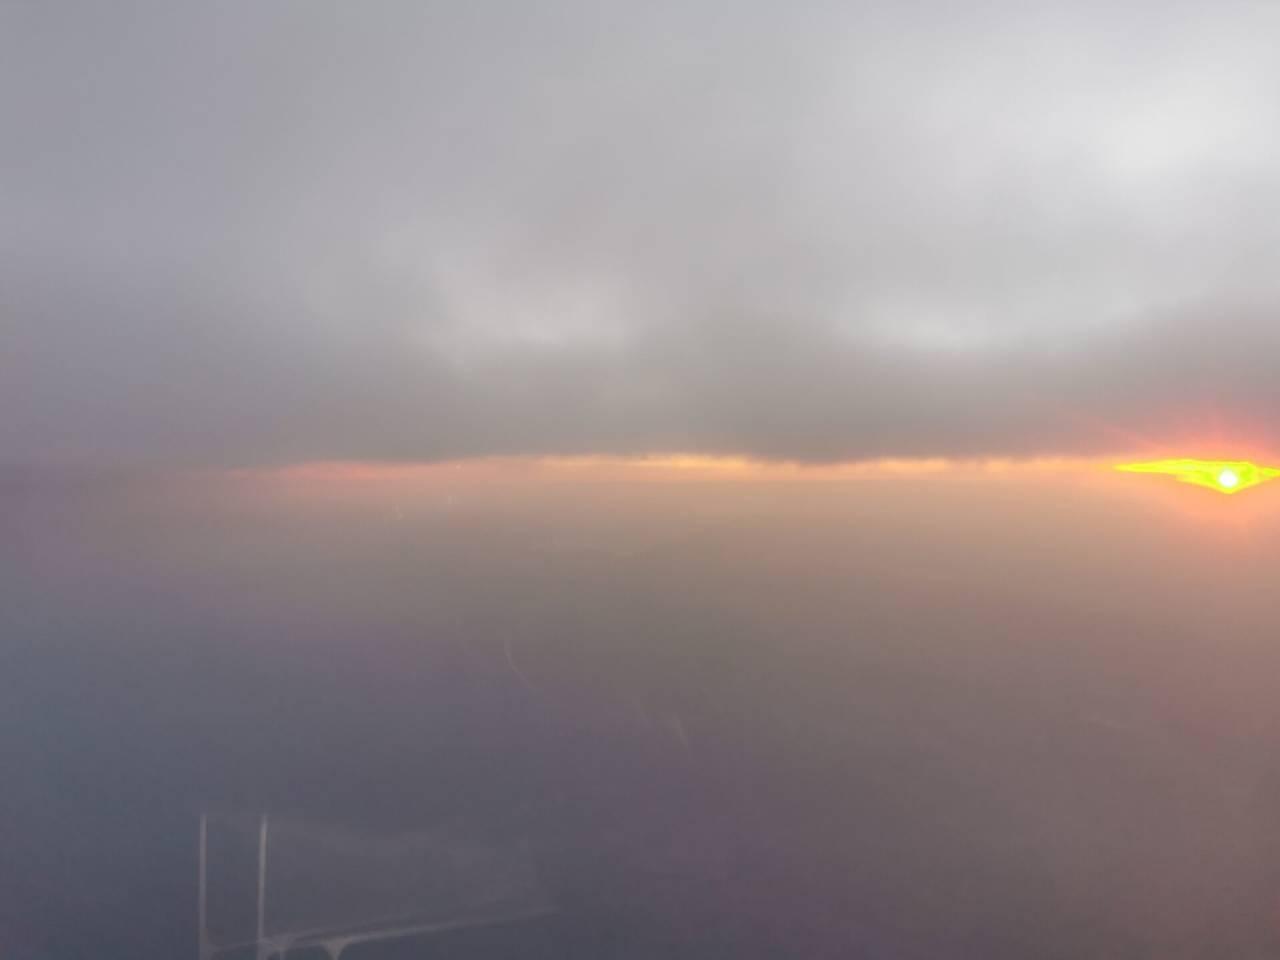 空中看落日4.jpg